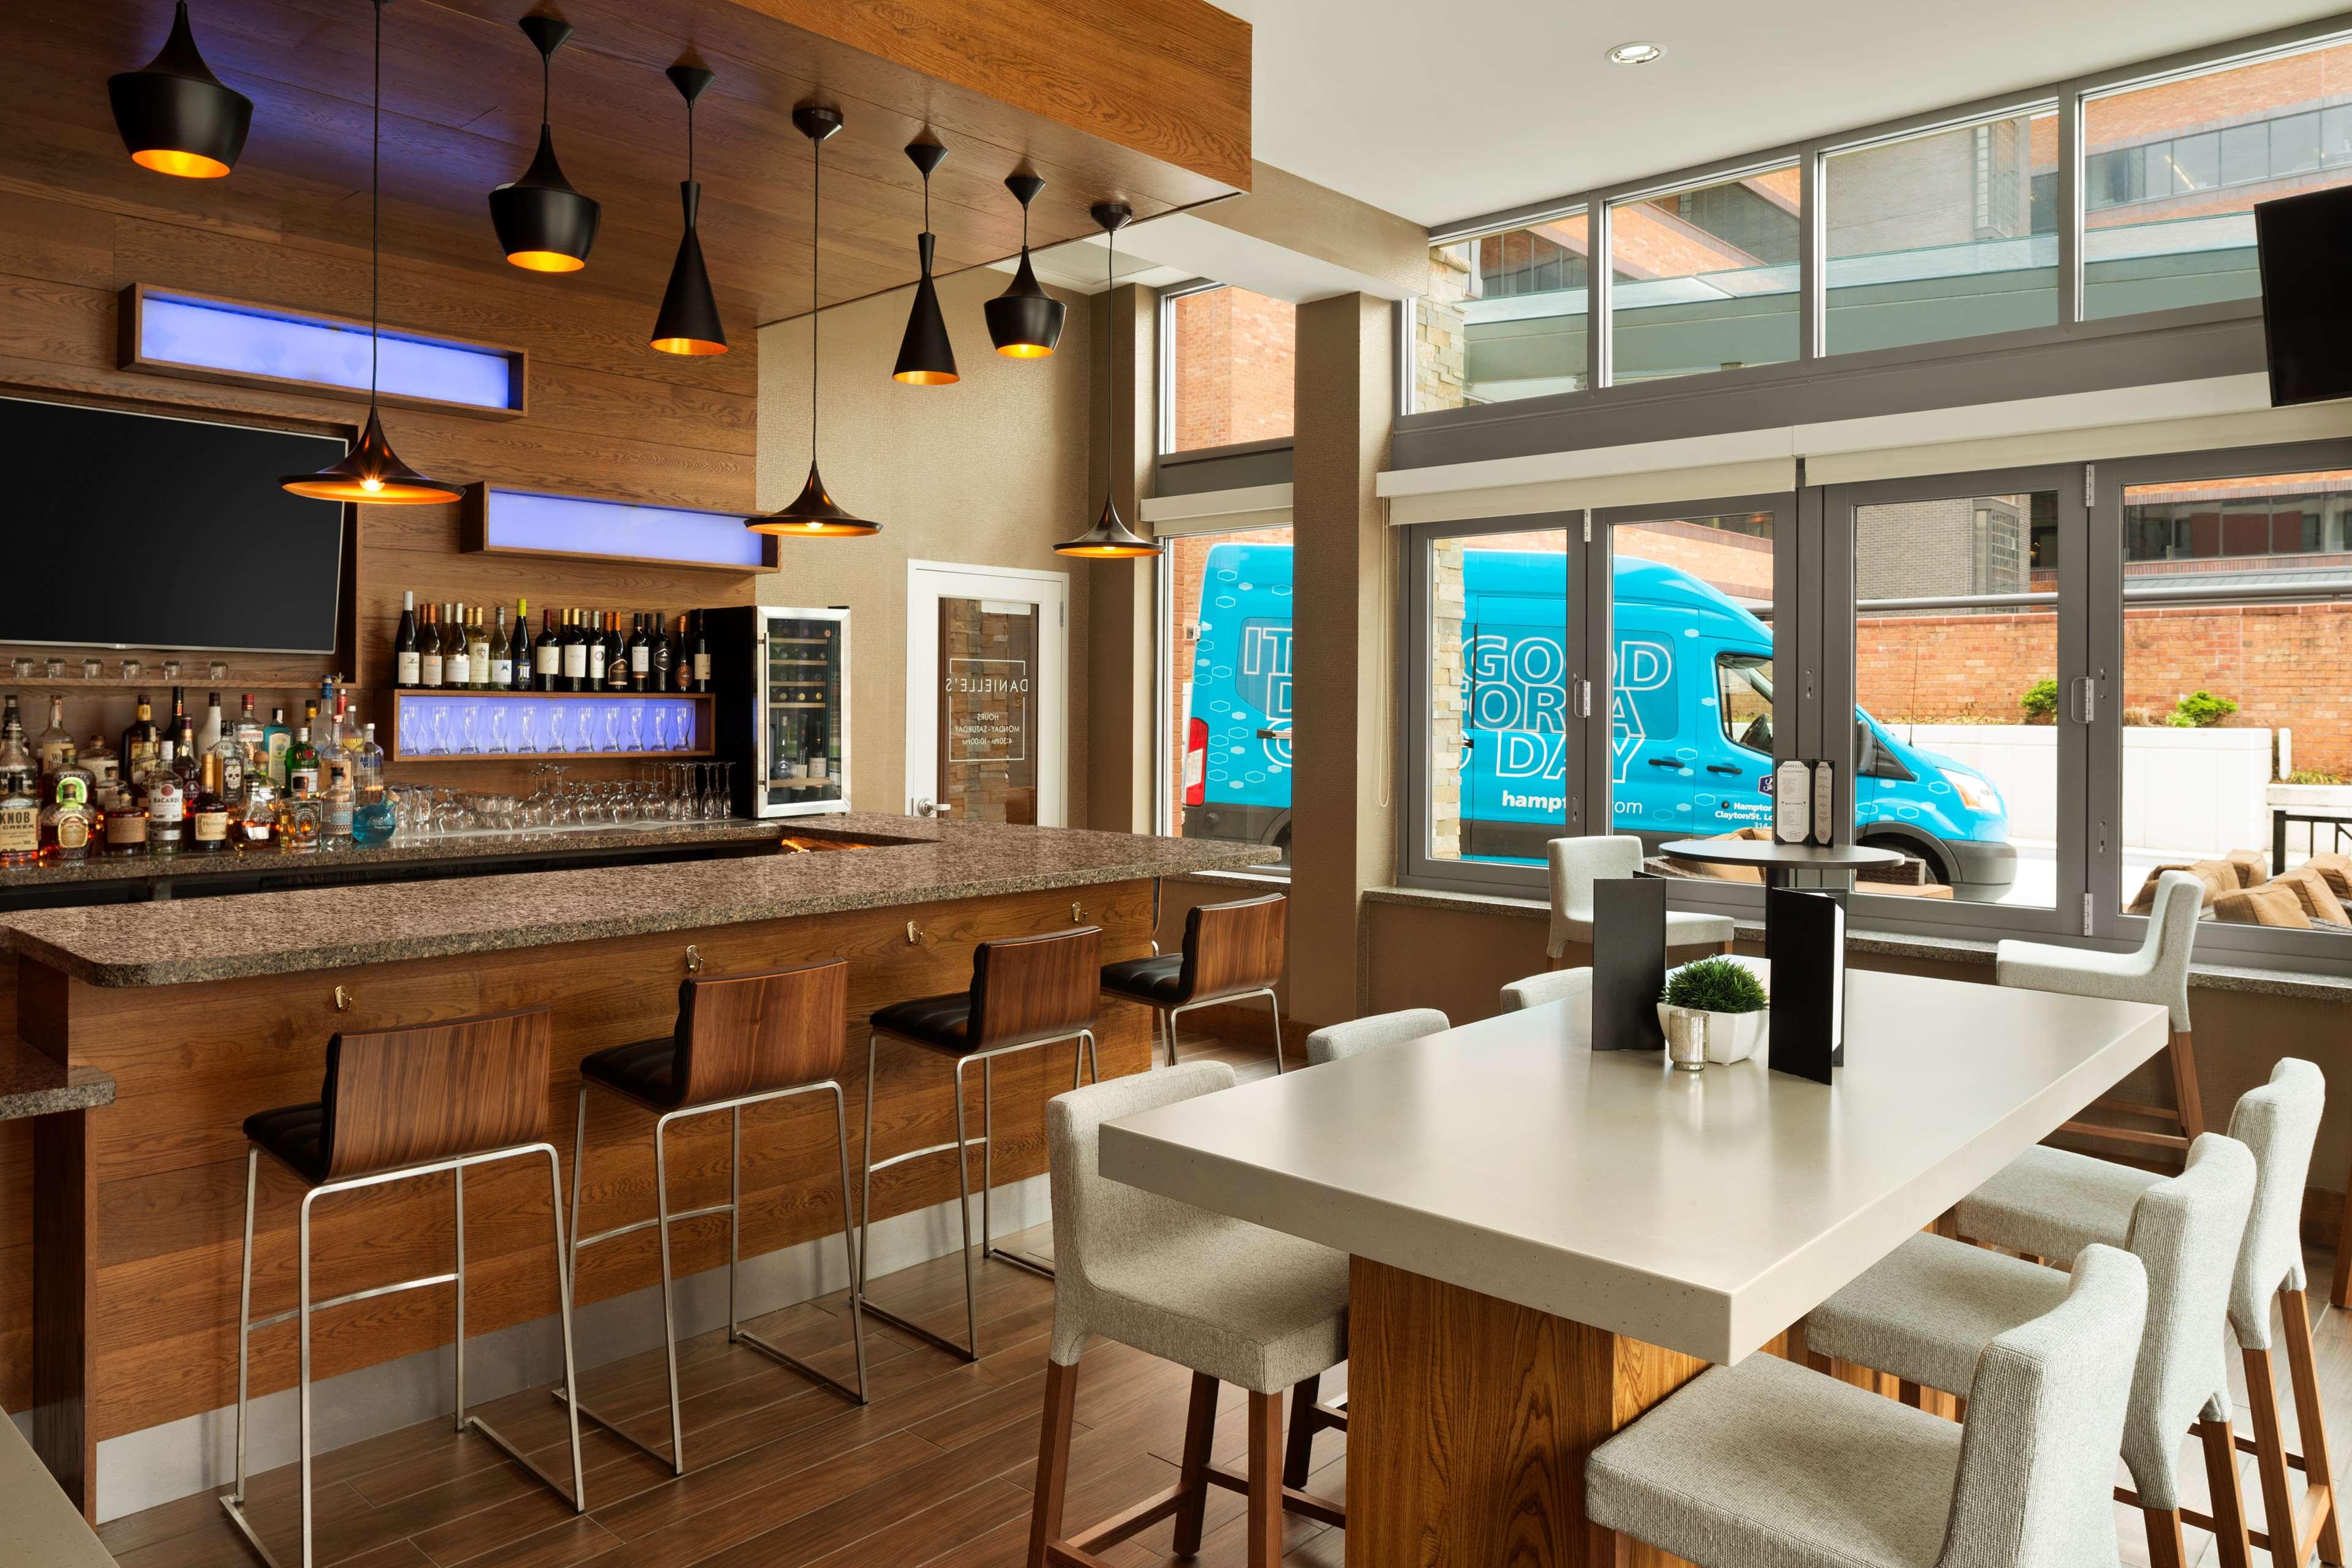 Hampton Inn and Suites Clayton/St Louis-Galleria Area image 35